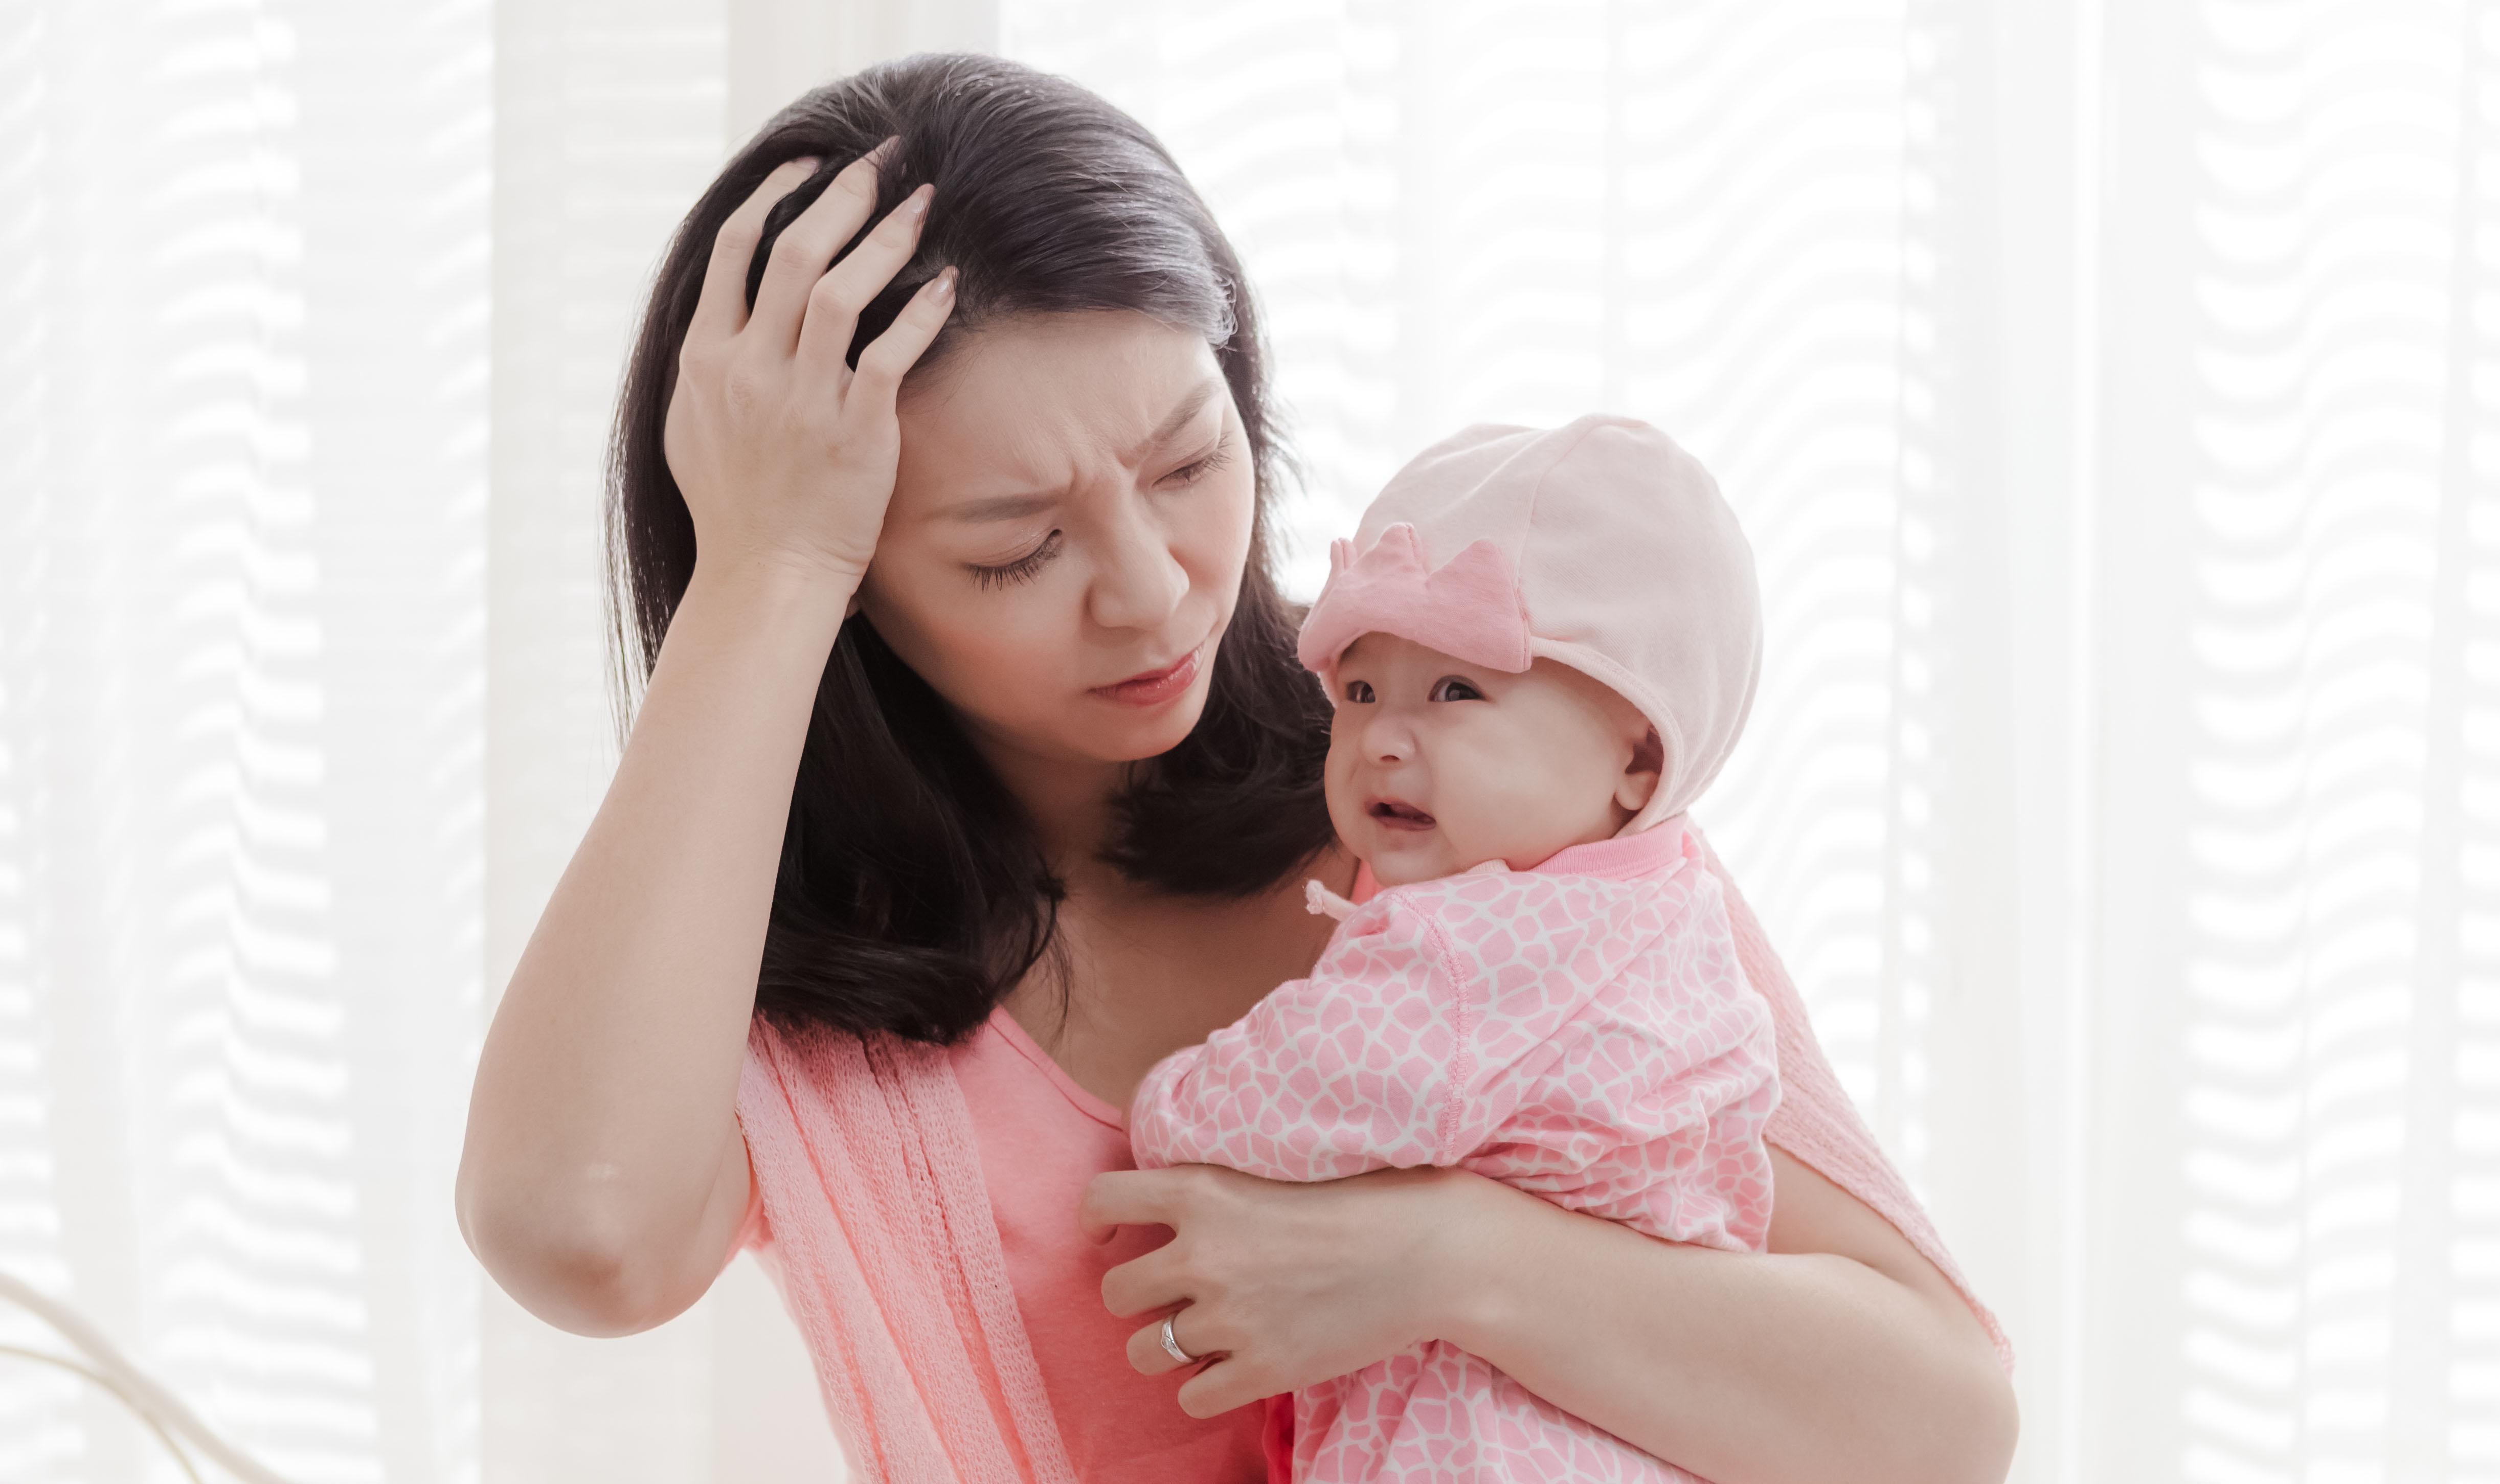 媽媽的不耐煩,是向家人求救的訊號